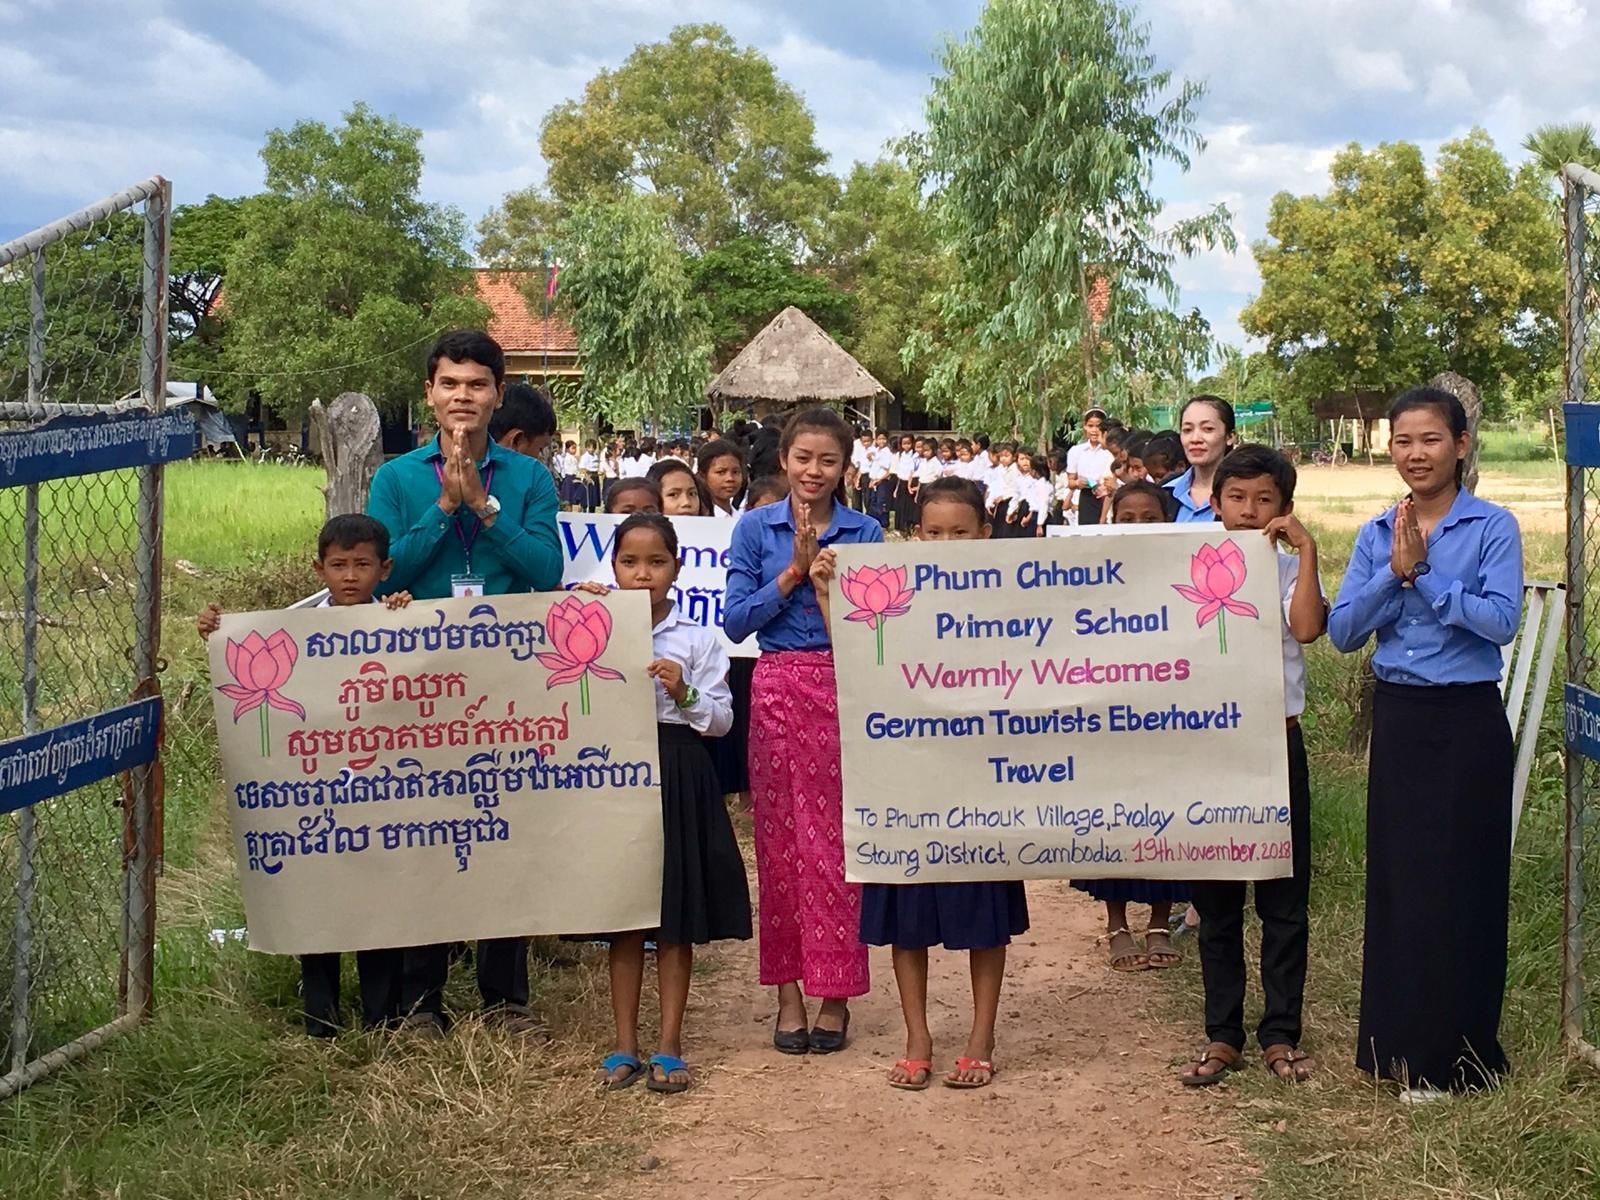 https://assets.eberhardt-travel.de/2018/Kambodscha/63716_Spendenaktion_Vietnam_Kambodscha_2018_Original.jpg